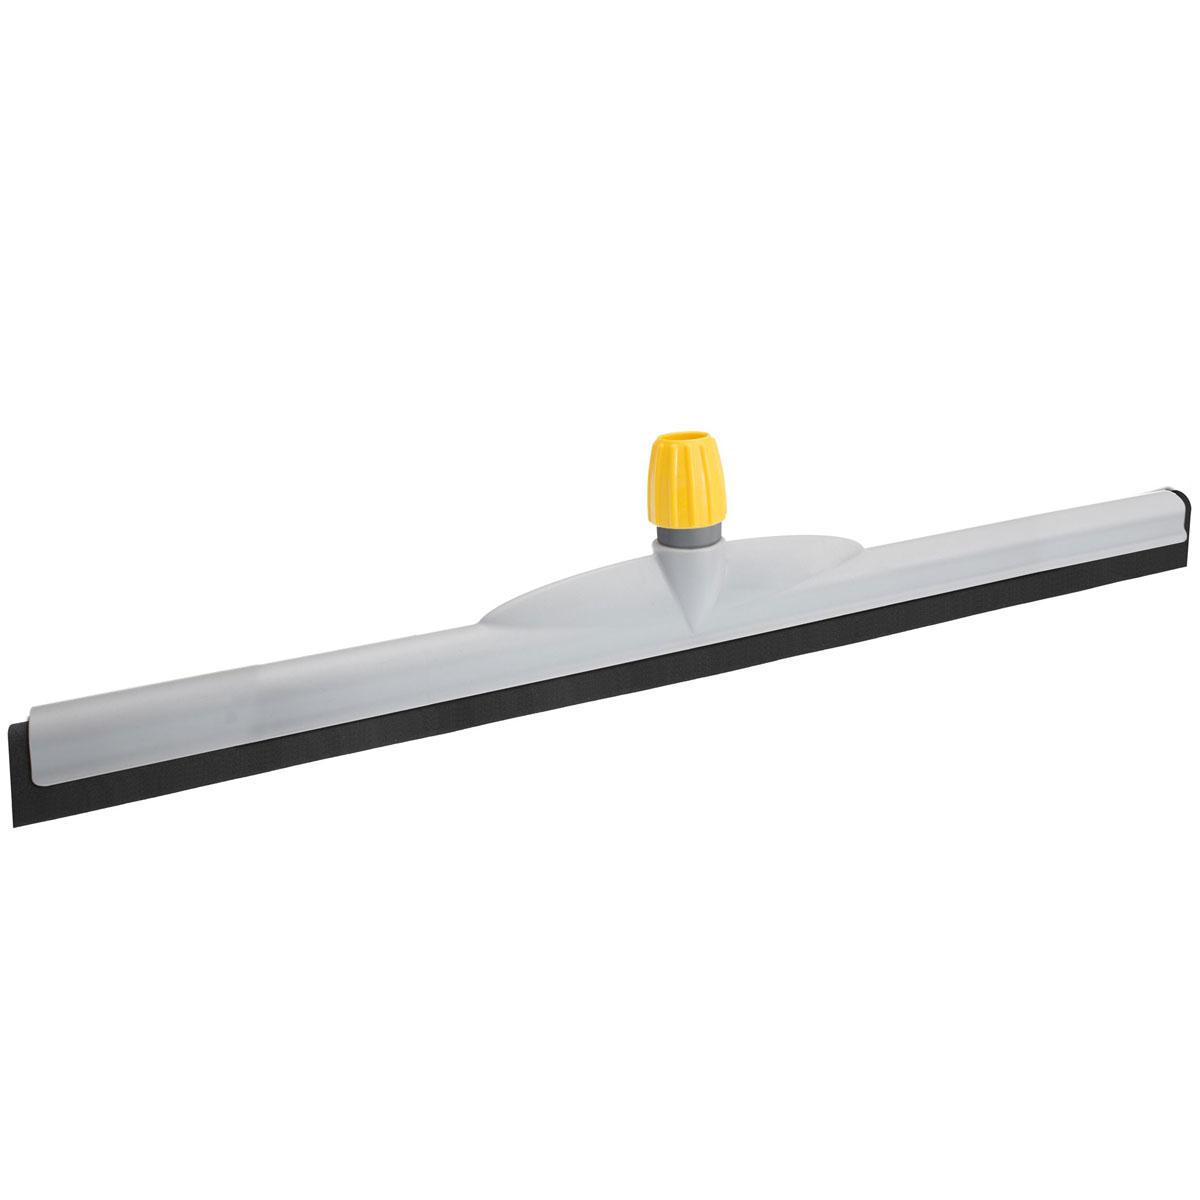 Сгон Apex для воды, 75 см. 11219-A11219-AСгон для воды Apex предназначен для удаления воды в помещениях с ровными полами. Лезвие сгона сделано из мягкого, эластичного материала - неопрена, который плотно прилегает к убираемой поверхности, что позволяет делать уборку качественно и быстро. Наиболее эффективна уборка воды на твердых поверхностях из плитки, гладкого бетона, линолеума и т.д. Допускается использование указанного сгона также и вне зданий (парадные зданий, на автомойках, на открытых площадках, уложенных плиткой).Для сгона подходят следующие модели ручек:- Ручка Apex для швабры, хромированная сталь, 120 см. 11511-А;- Ручка Apex для швабры. 11512-А;- Ручка Apex для швабры. 11515-А;- Ручка для швабры Apex, 150 см. 14000-A;- Ручка раздвижная Apex для швабры, цвет: желтый, серый, 130 см. 11520-A..